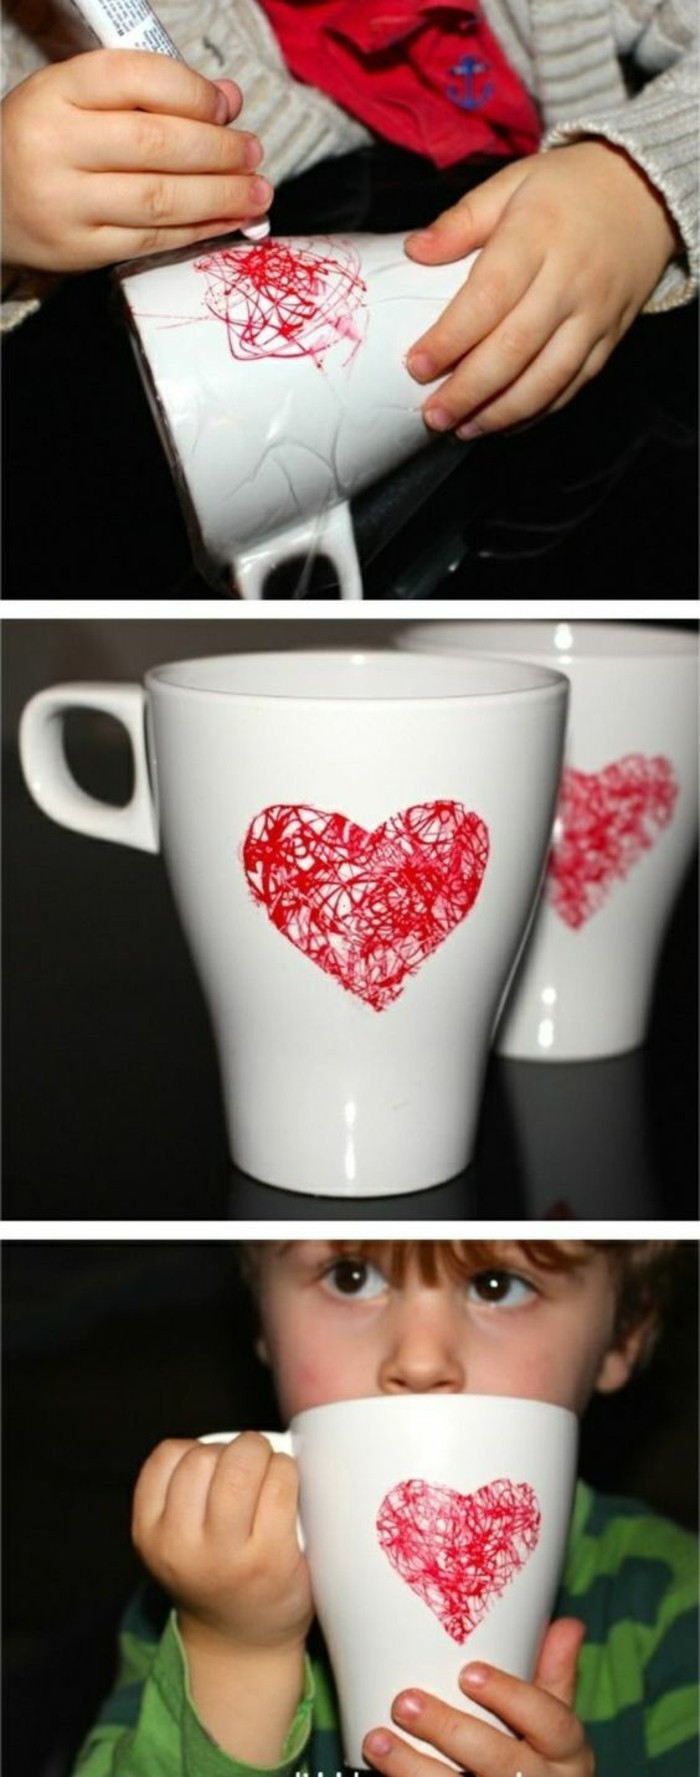 idée cadeau anniversaire maman, décorer une tasse de café avec peinture ou marquer, loisir créatif pour enfants